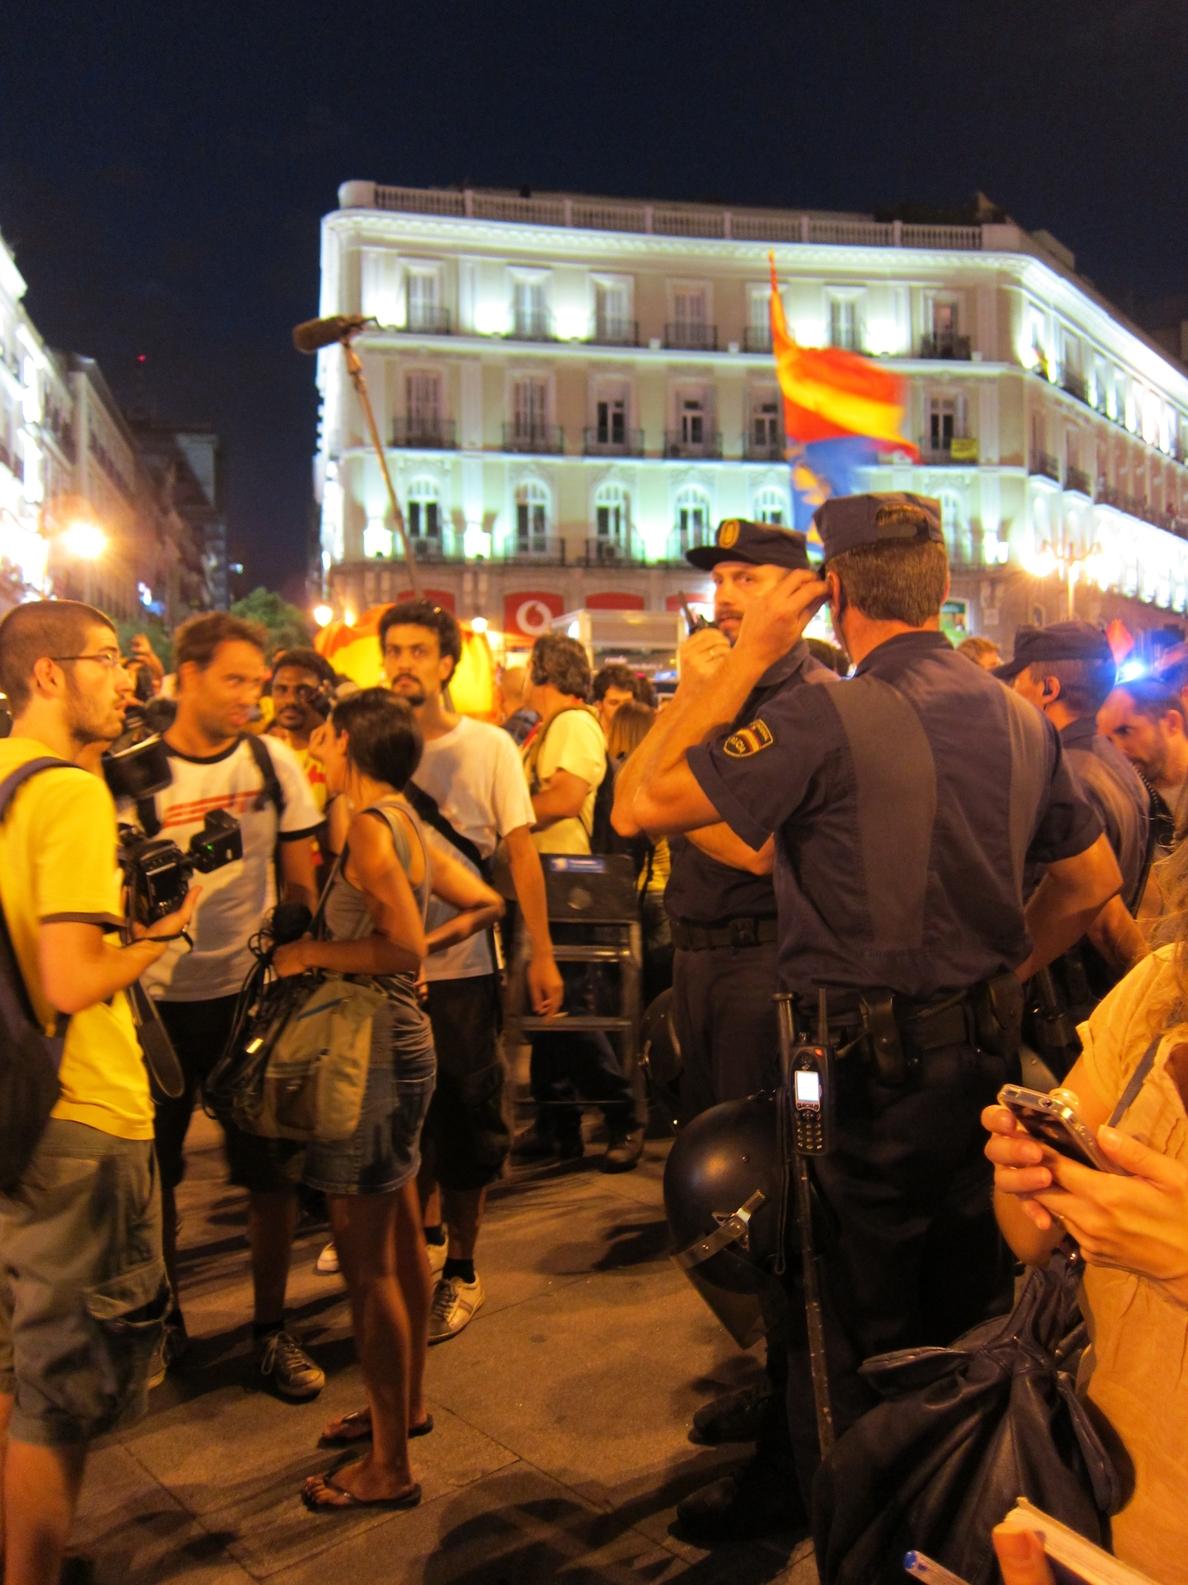 Interior advierte de que la Policía podrá incautar cámaras en manifestaciones si cree que son para hacer algo ilegal